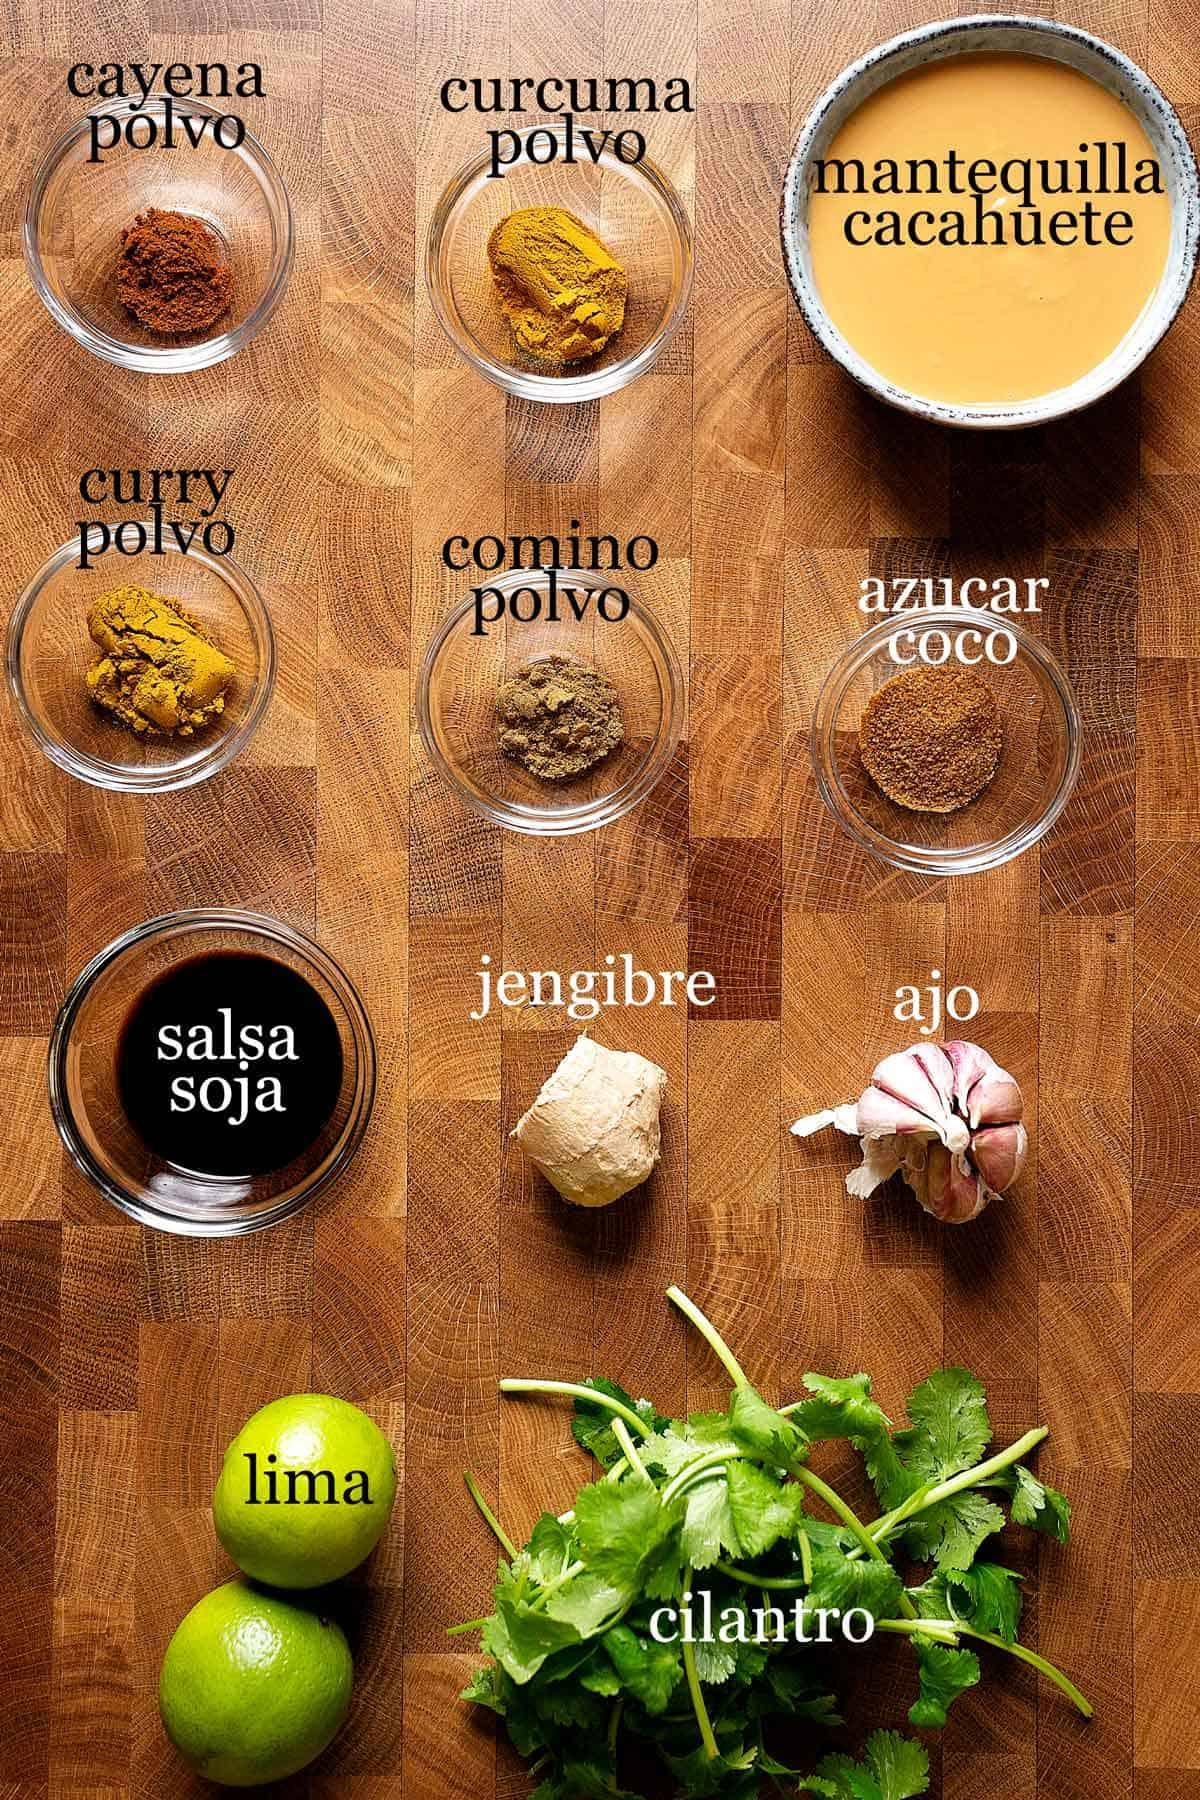 ingredientes para hacer salsa de cacahuete satay.